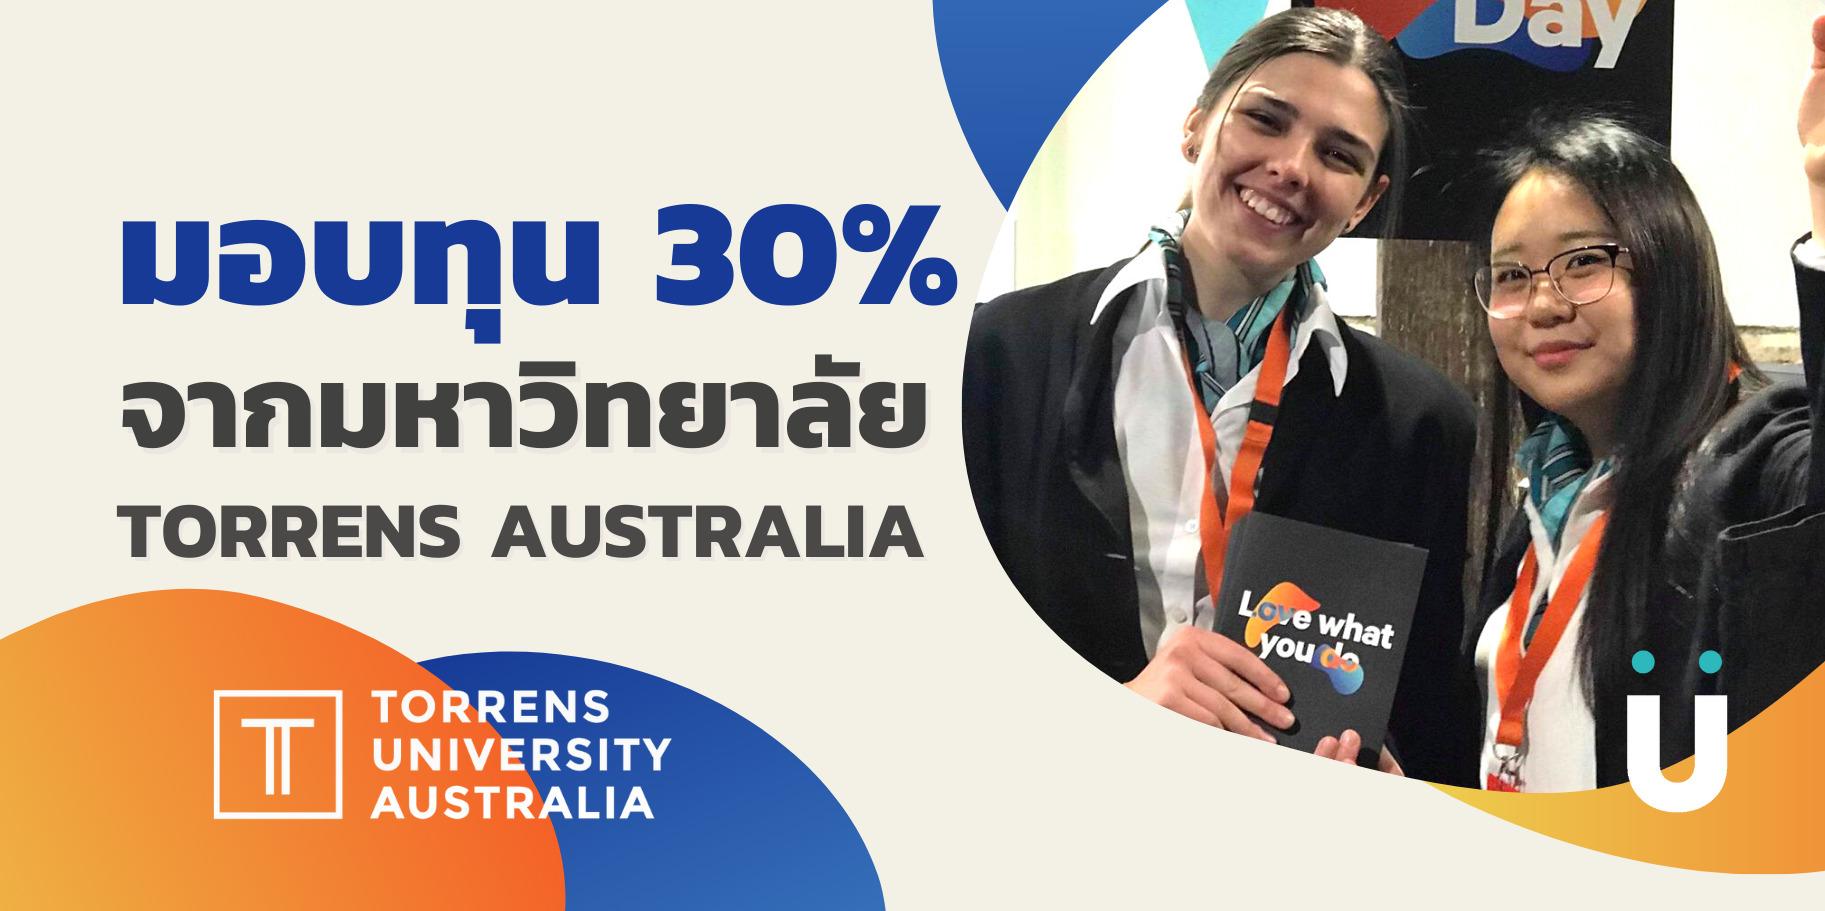 ทุนการศึกษา ทุนเรียนต่อ ออสเตรเลีย